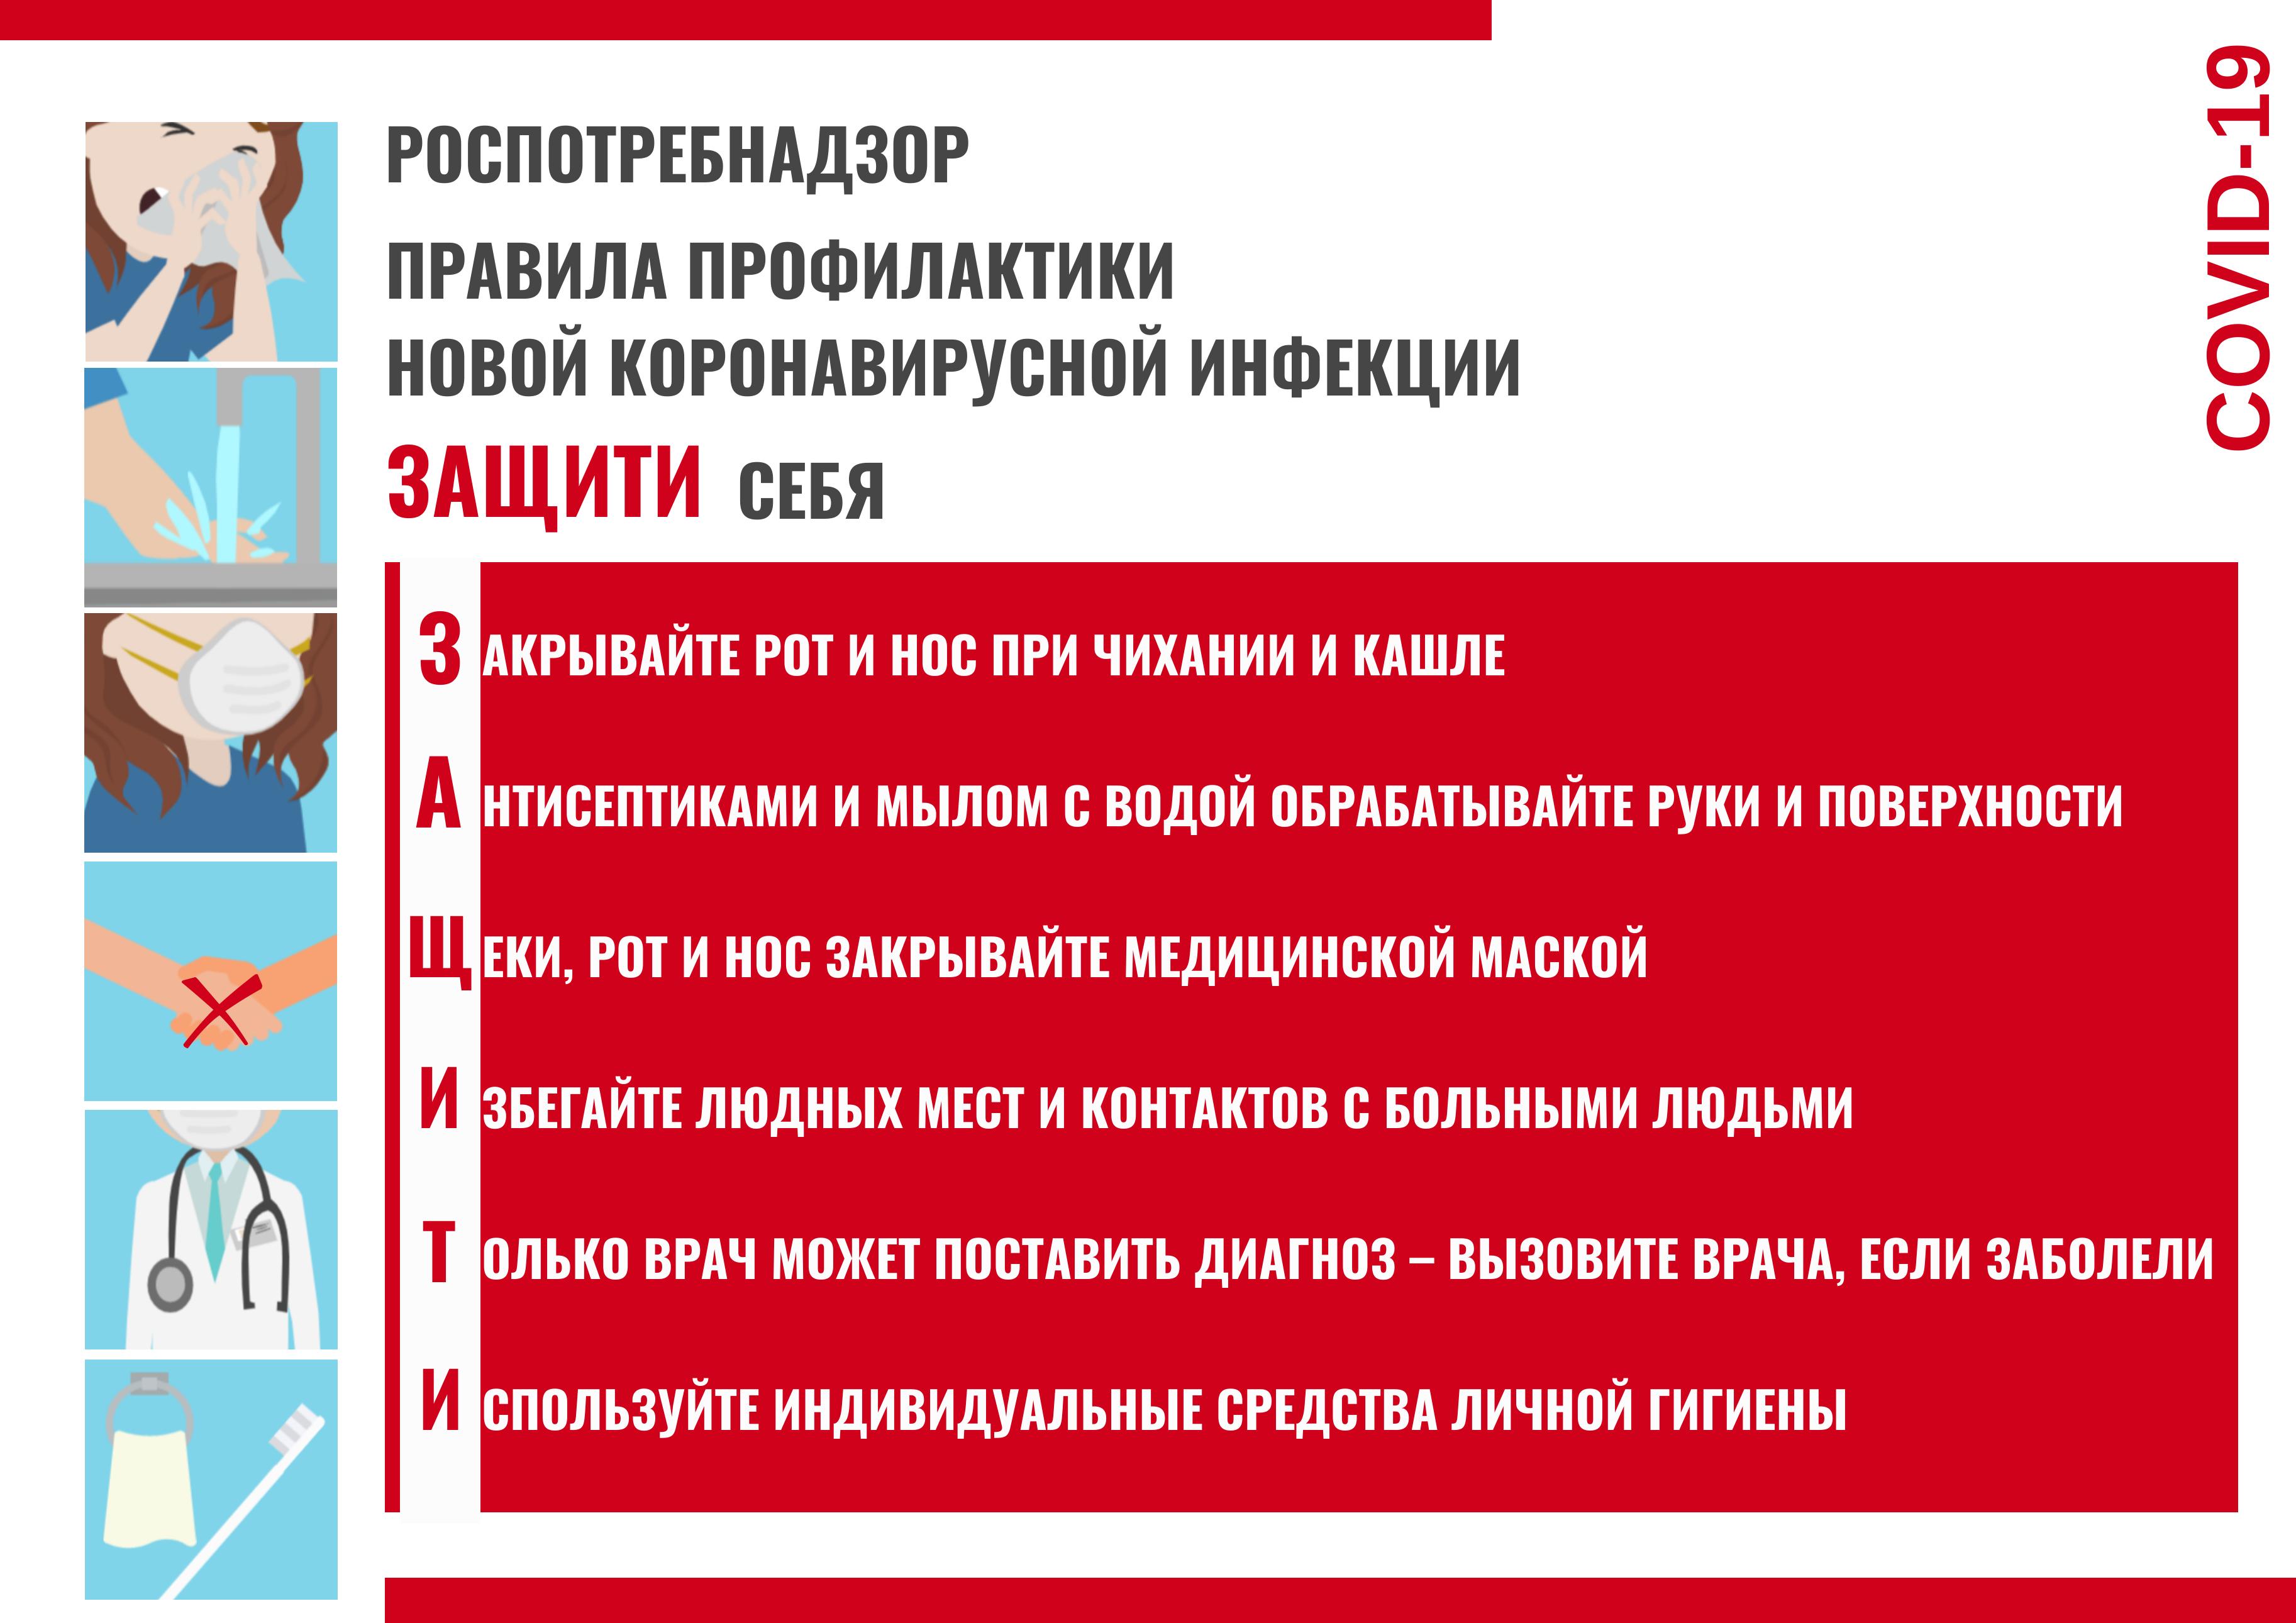 Вирусолог рассказал, как отличить коронавирус от орви // нтв.ru